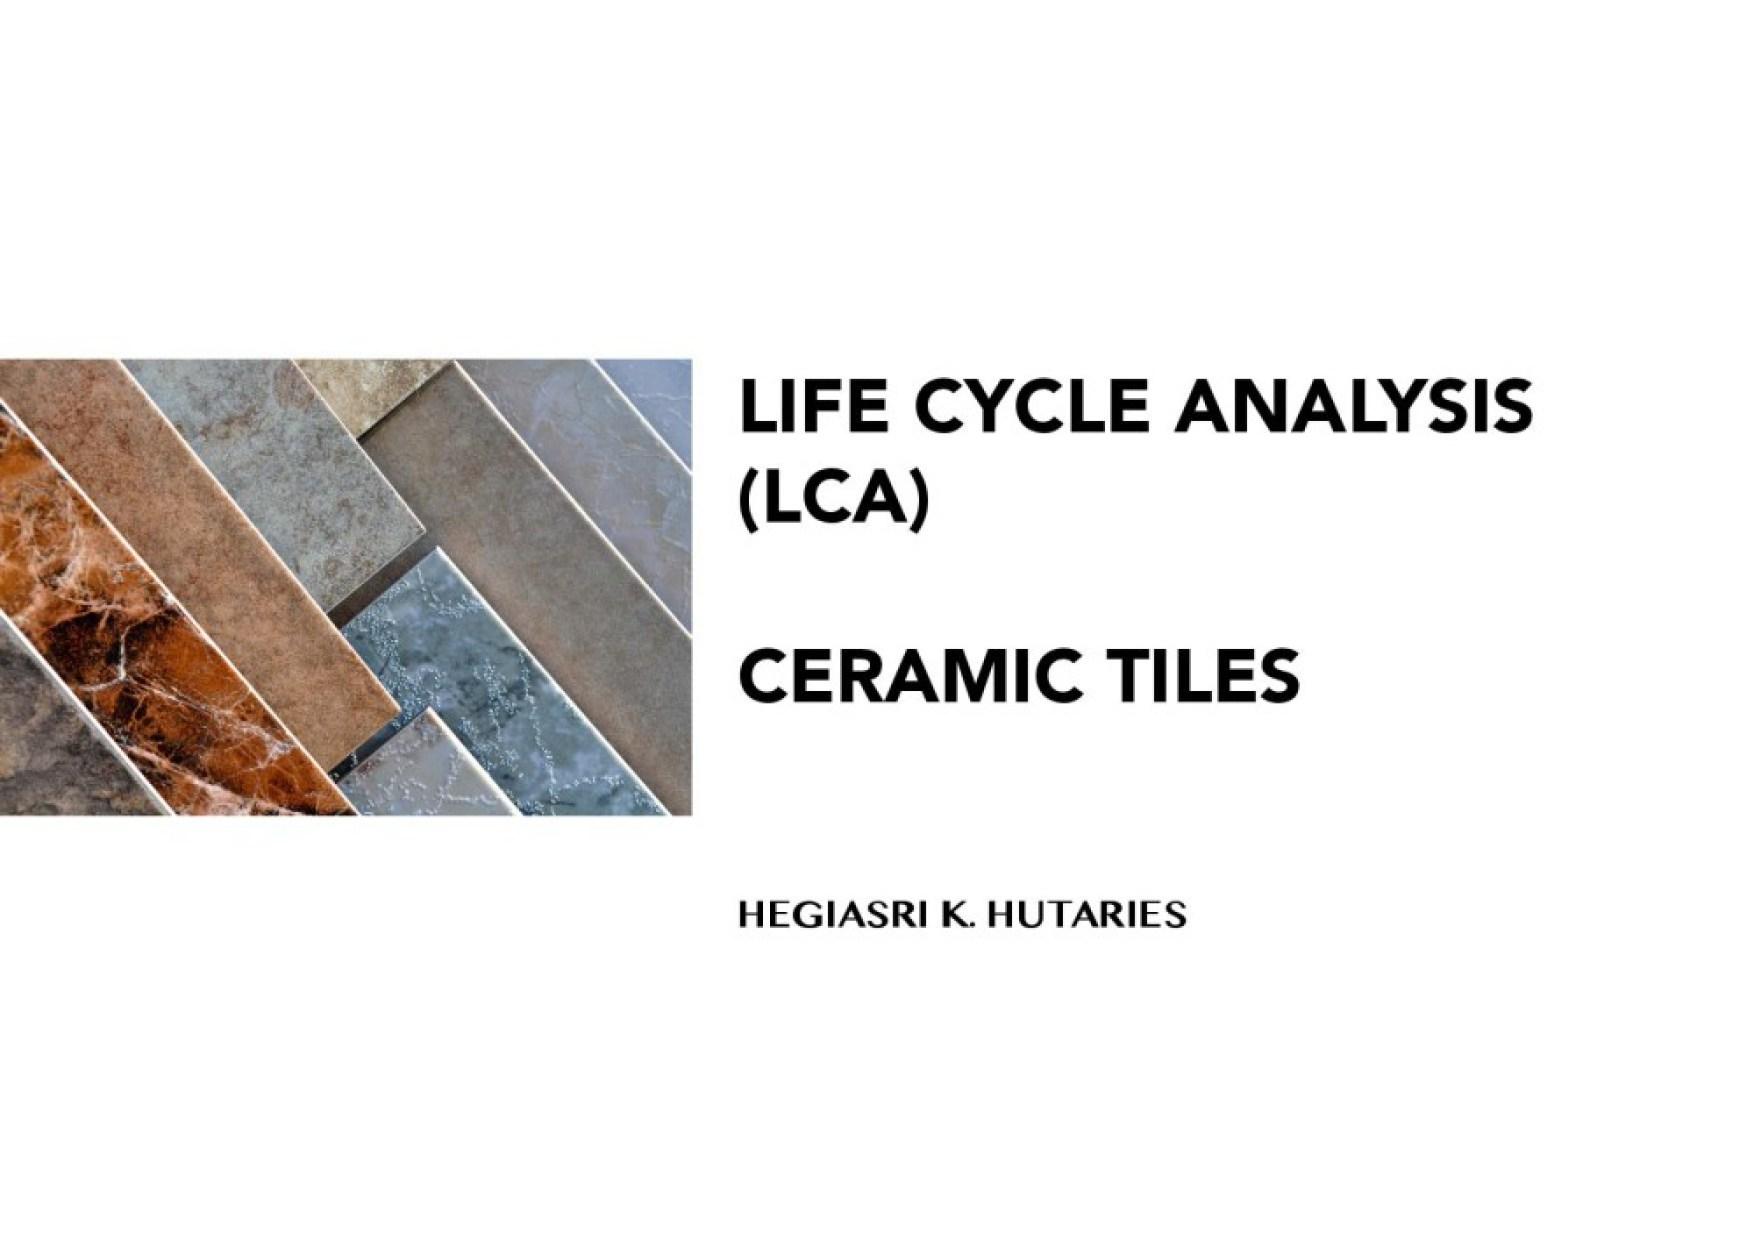 Hegia-LCA Ceramic tiles REVISED-page-001